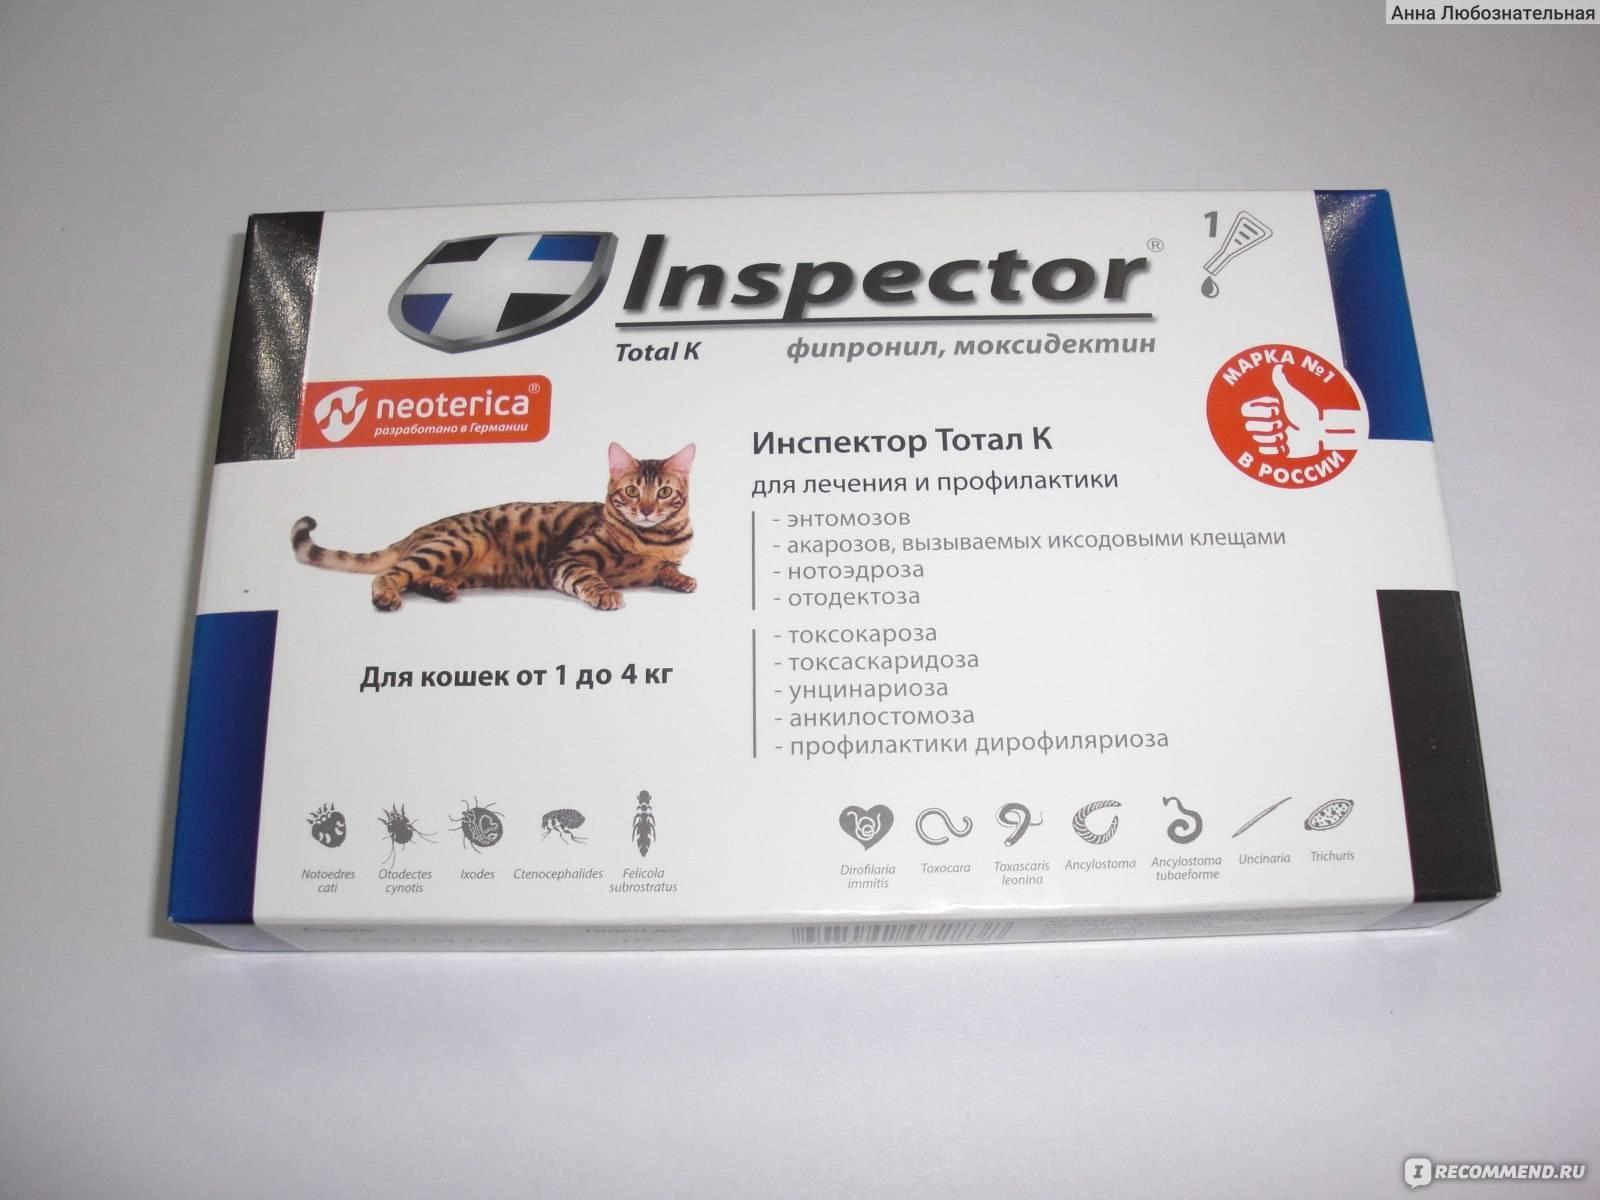 Инспектор тотал к / inspector total c (капли) для кошек и собак | отзывы о применении препаратов для животных от ветеринаров и заводчиков